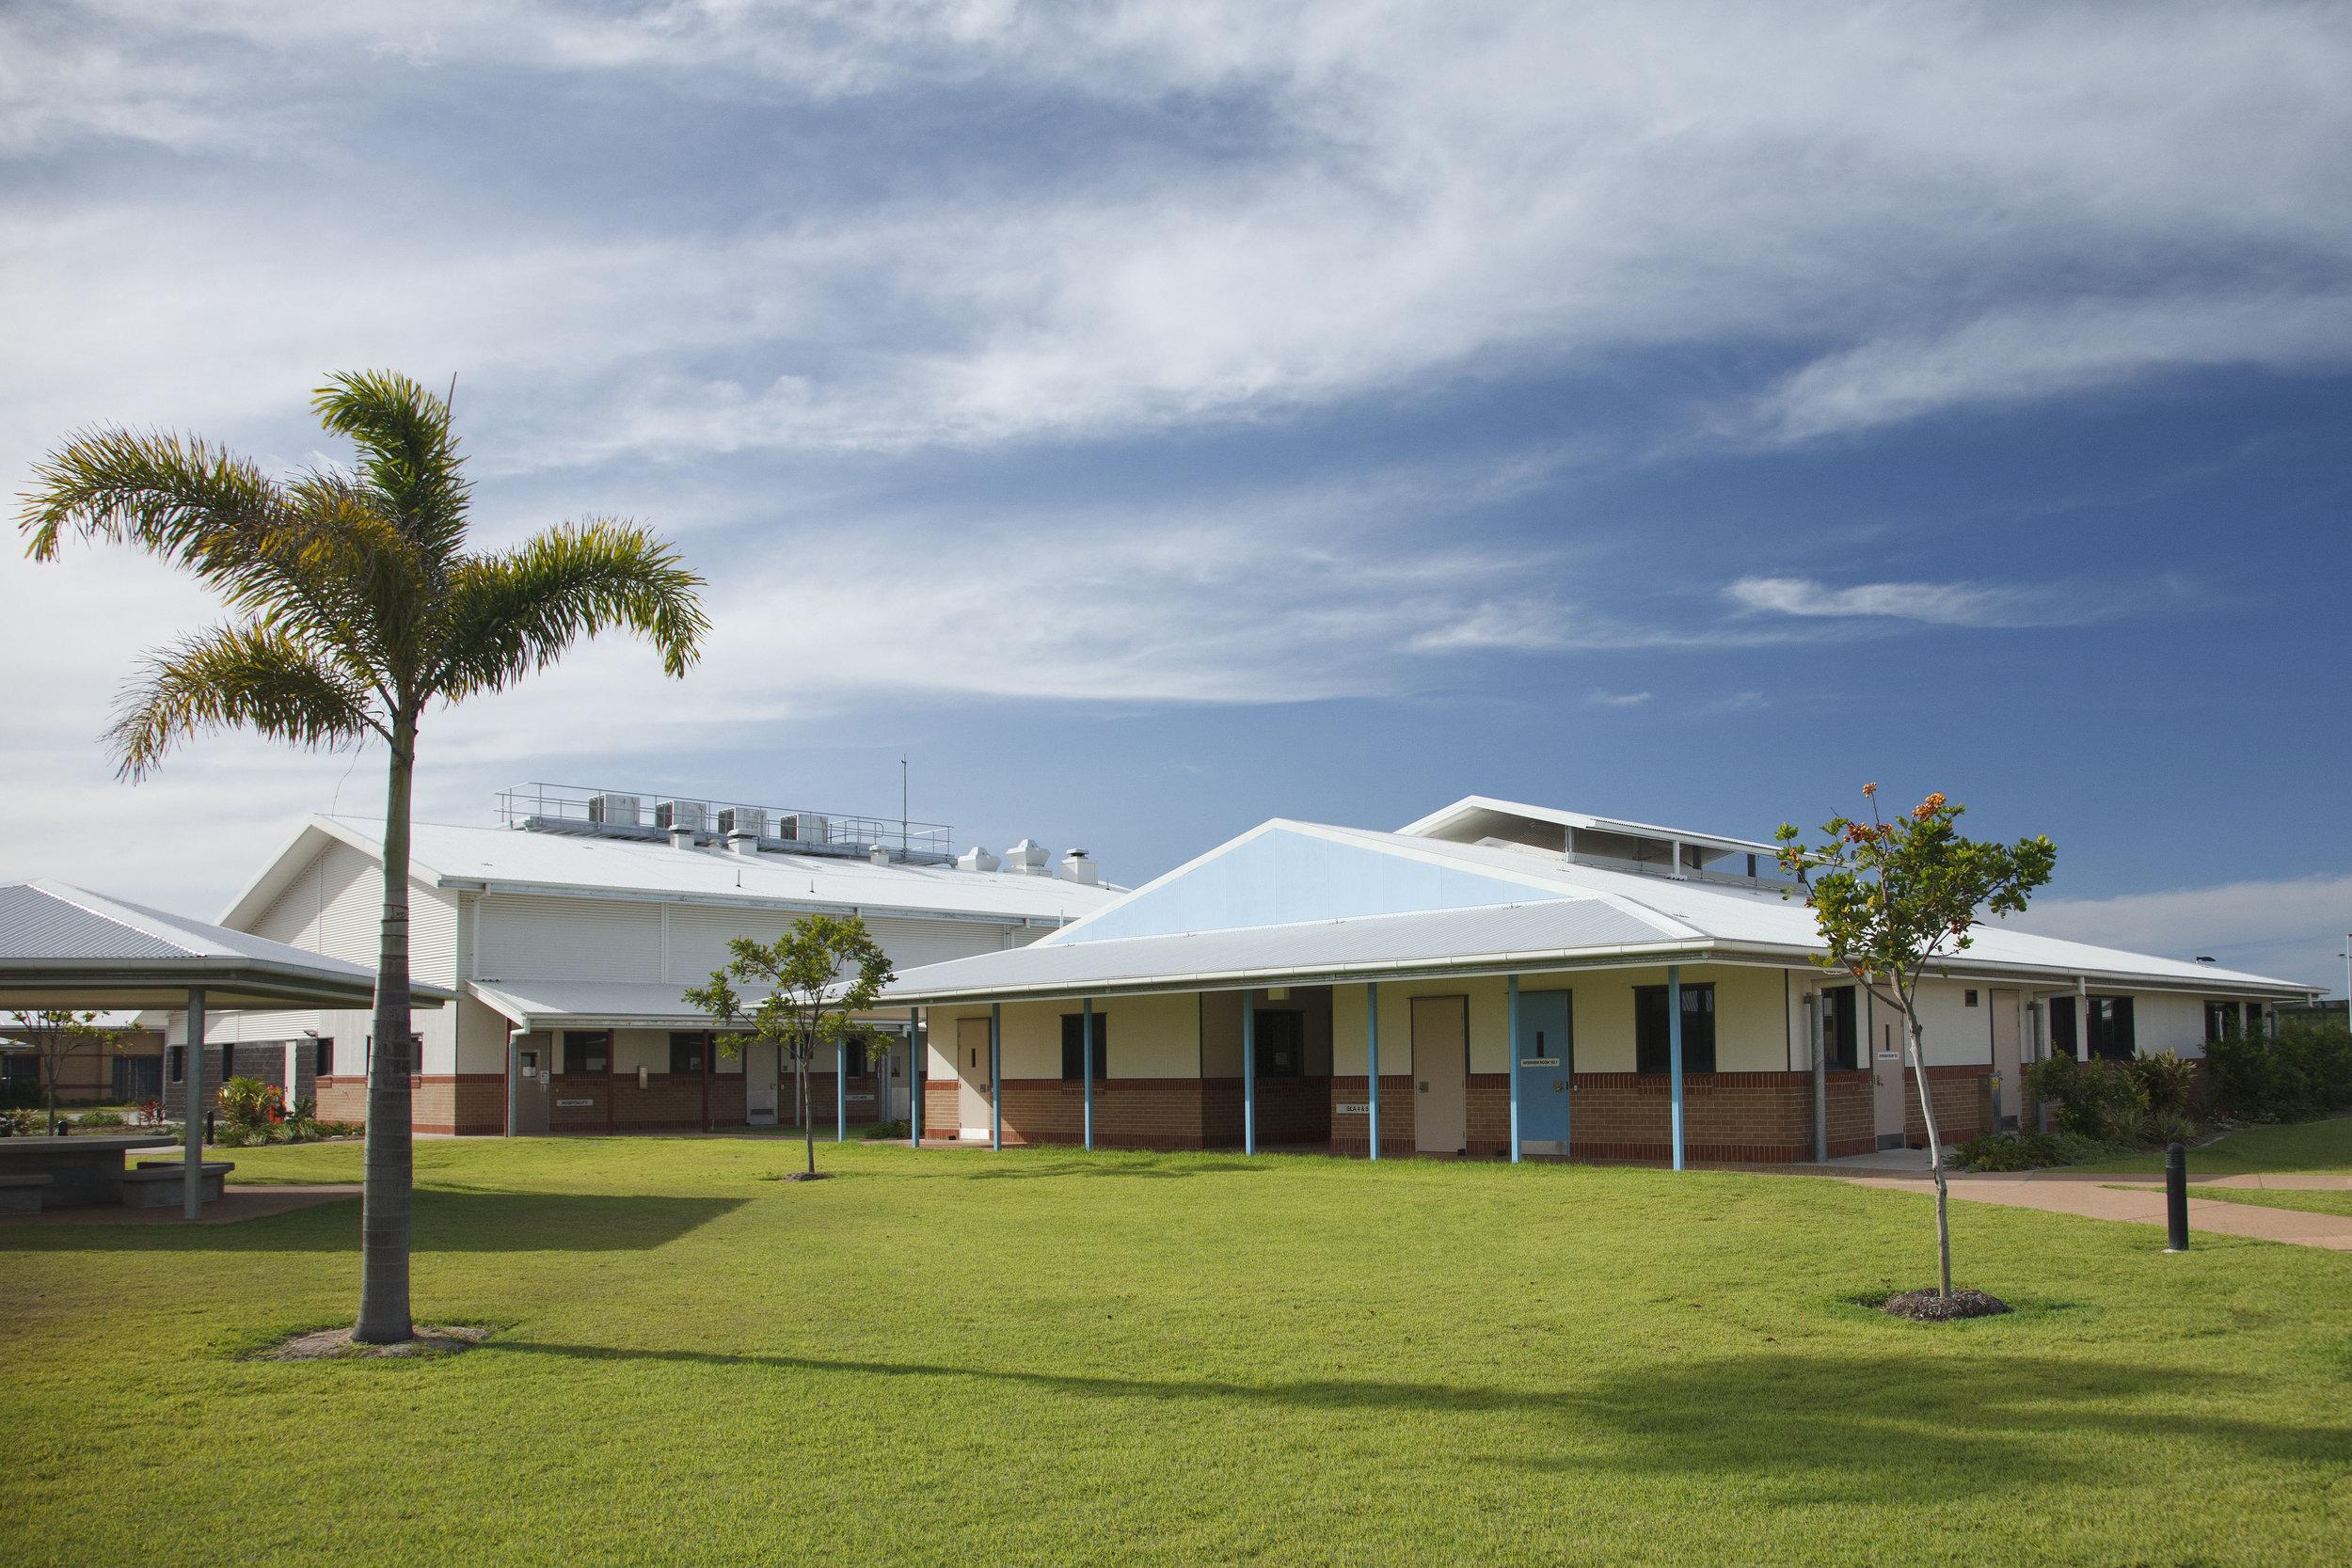 Far-north-qld-youth-detention-guymer-bailey-4.jpg